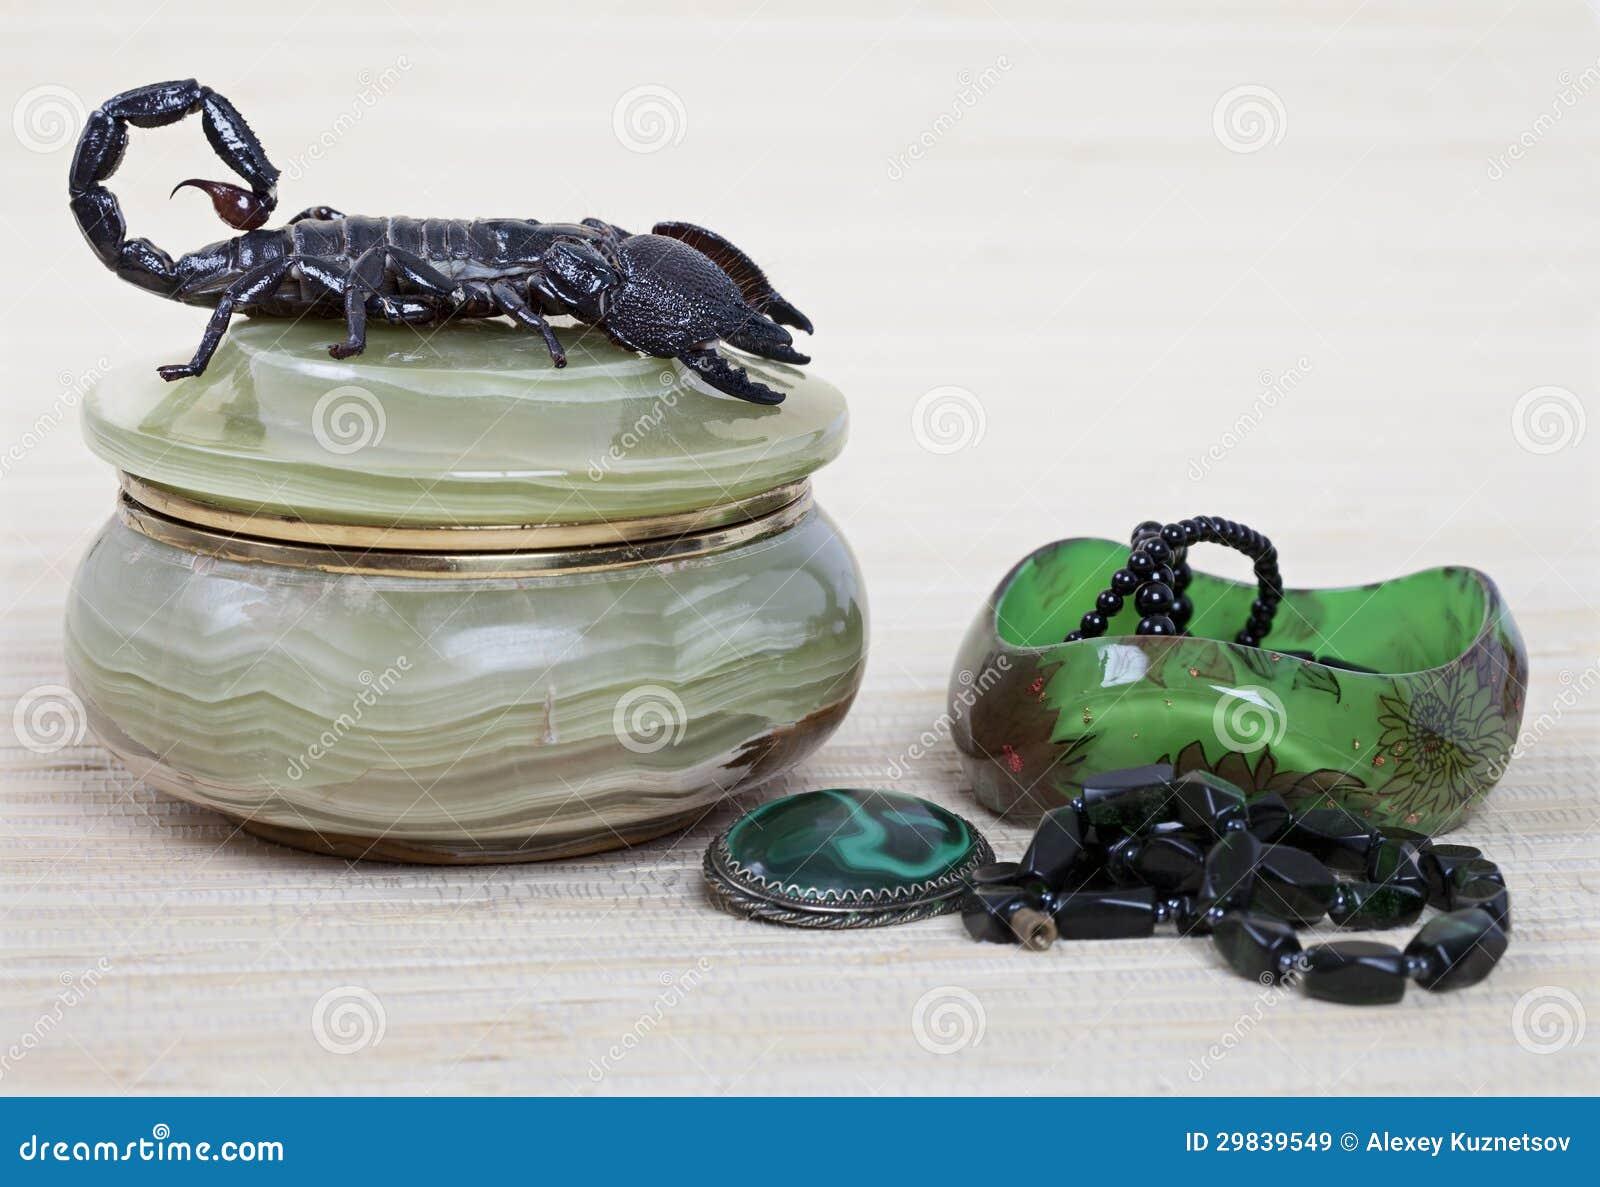 Ornamentação do escorpião e das mulheres